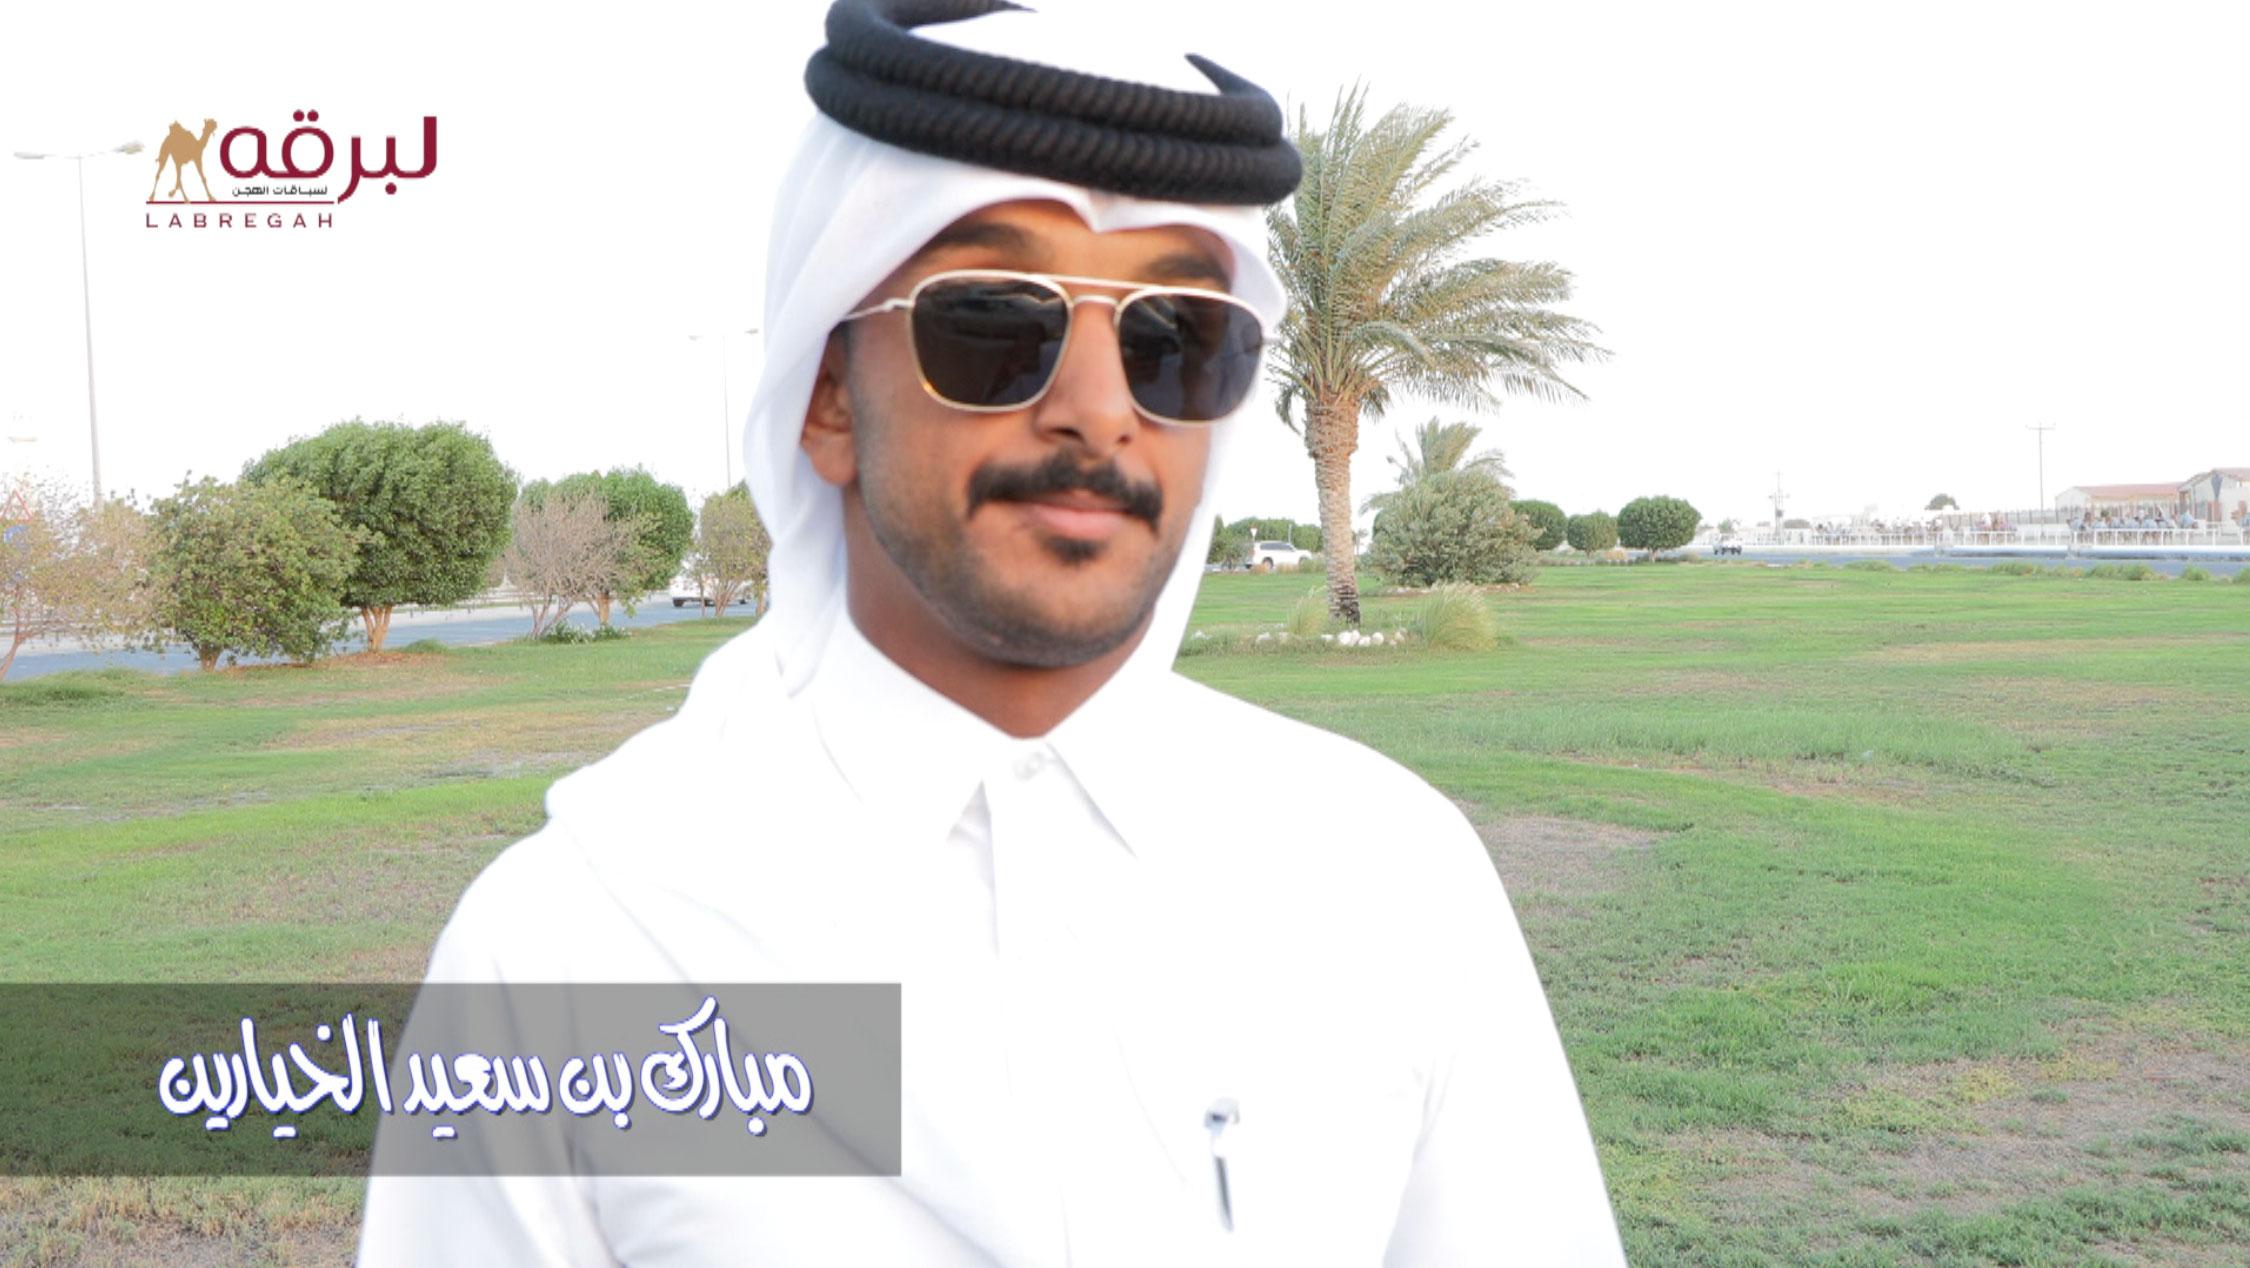 لقاء مع مبارك بن سعيد الخيارين.. الشوط الرئيسي للجذاع قعدان (مفتوح) الأشواط العامة  ٩-١٠-٢٠٢١